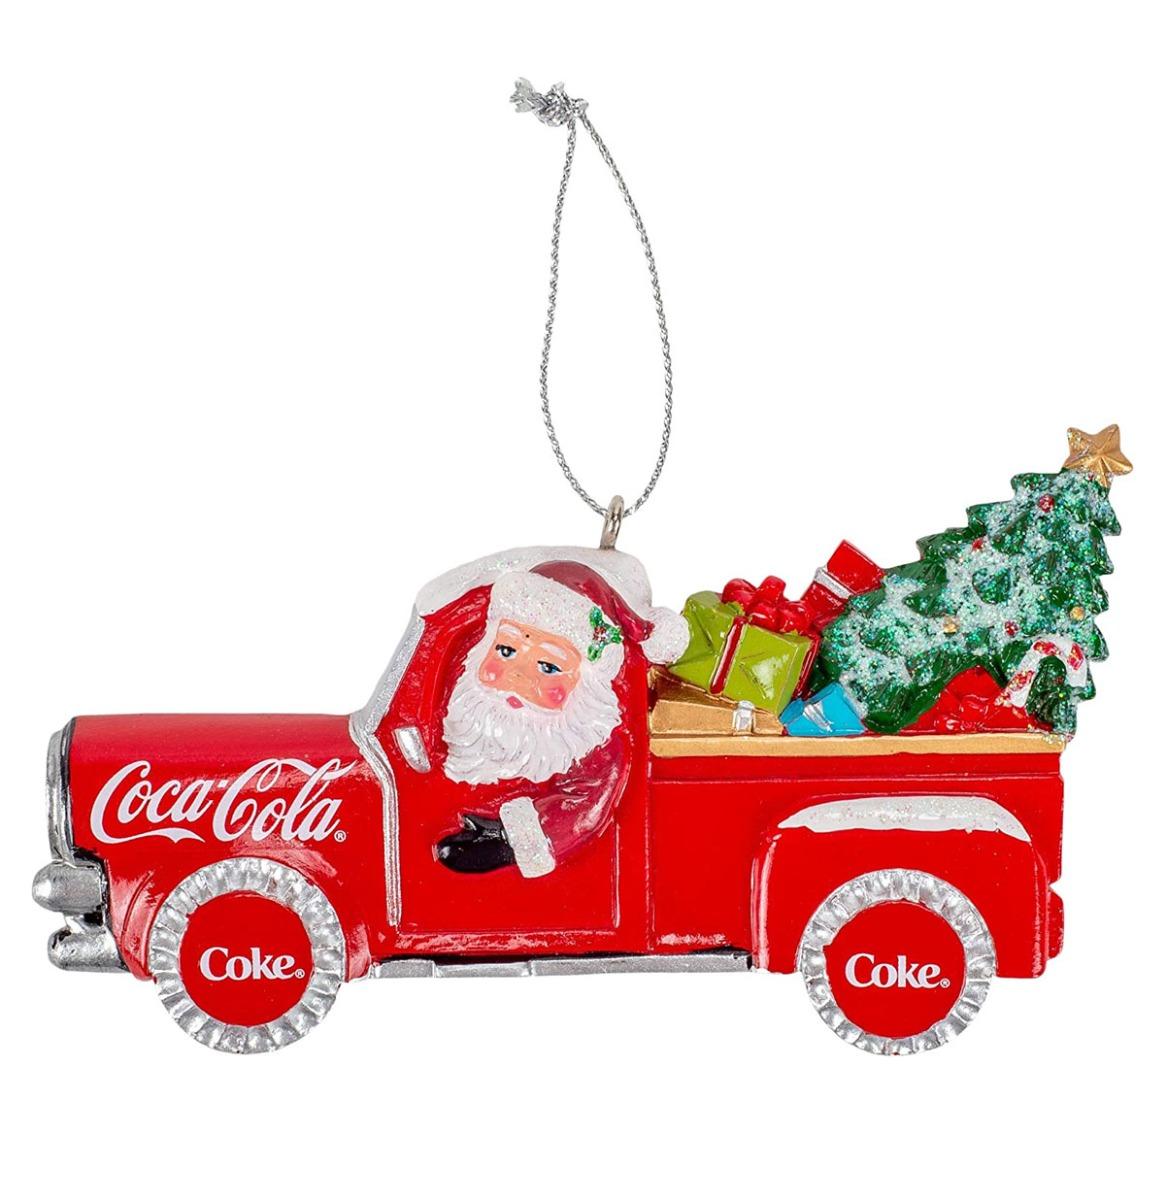 Kurt S. Adler Coca-Cola Santa Pick-Up Truck Hanging Ornament